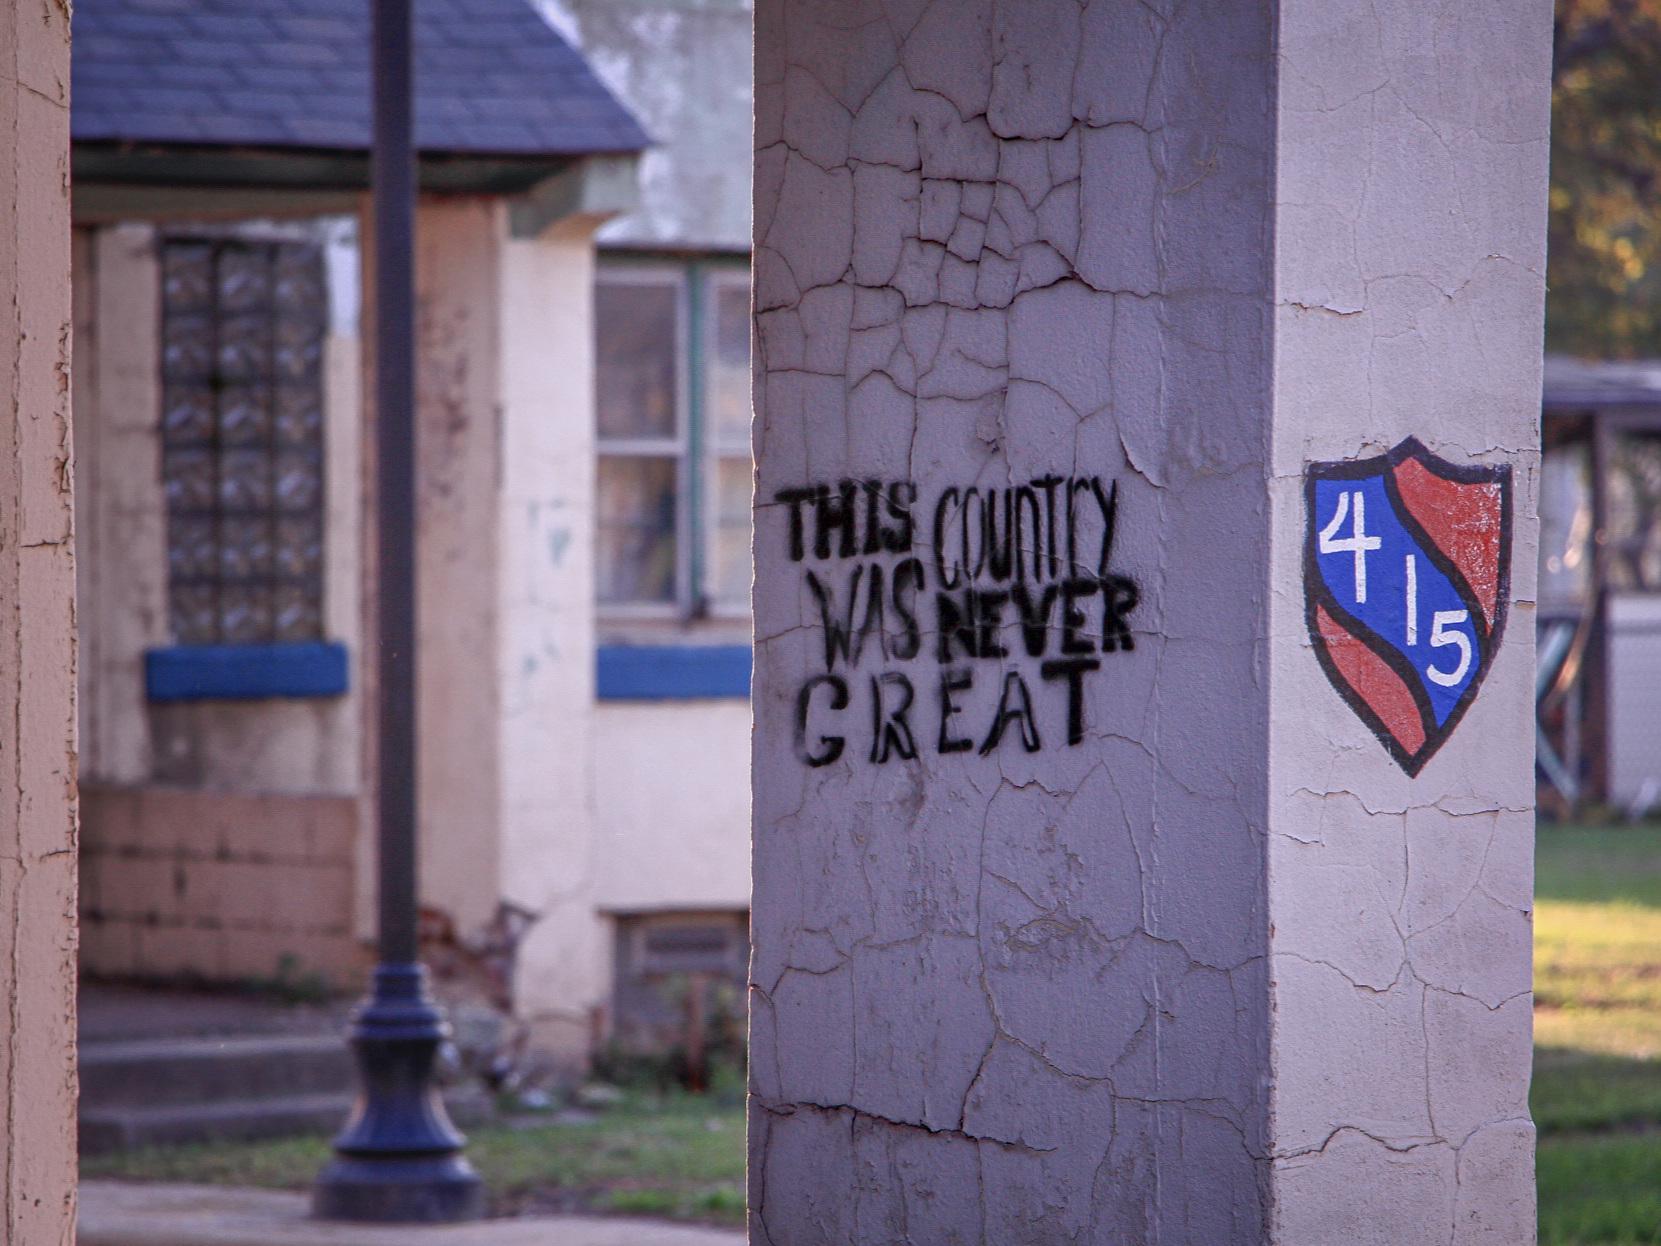 Graffiti. Marktown, IL, 2018.